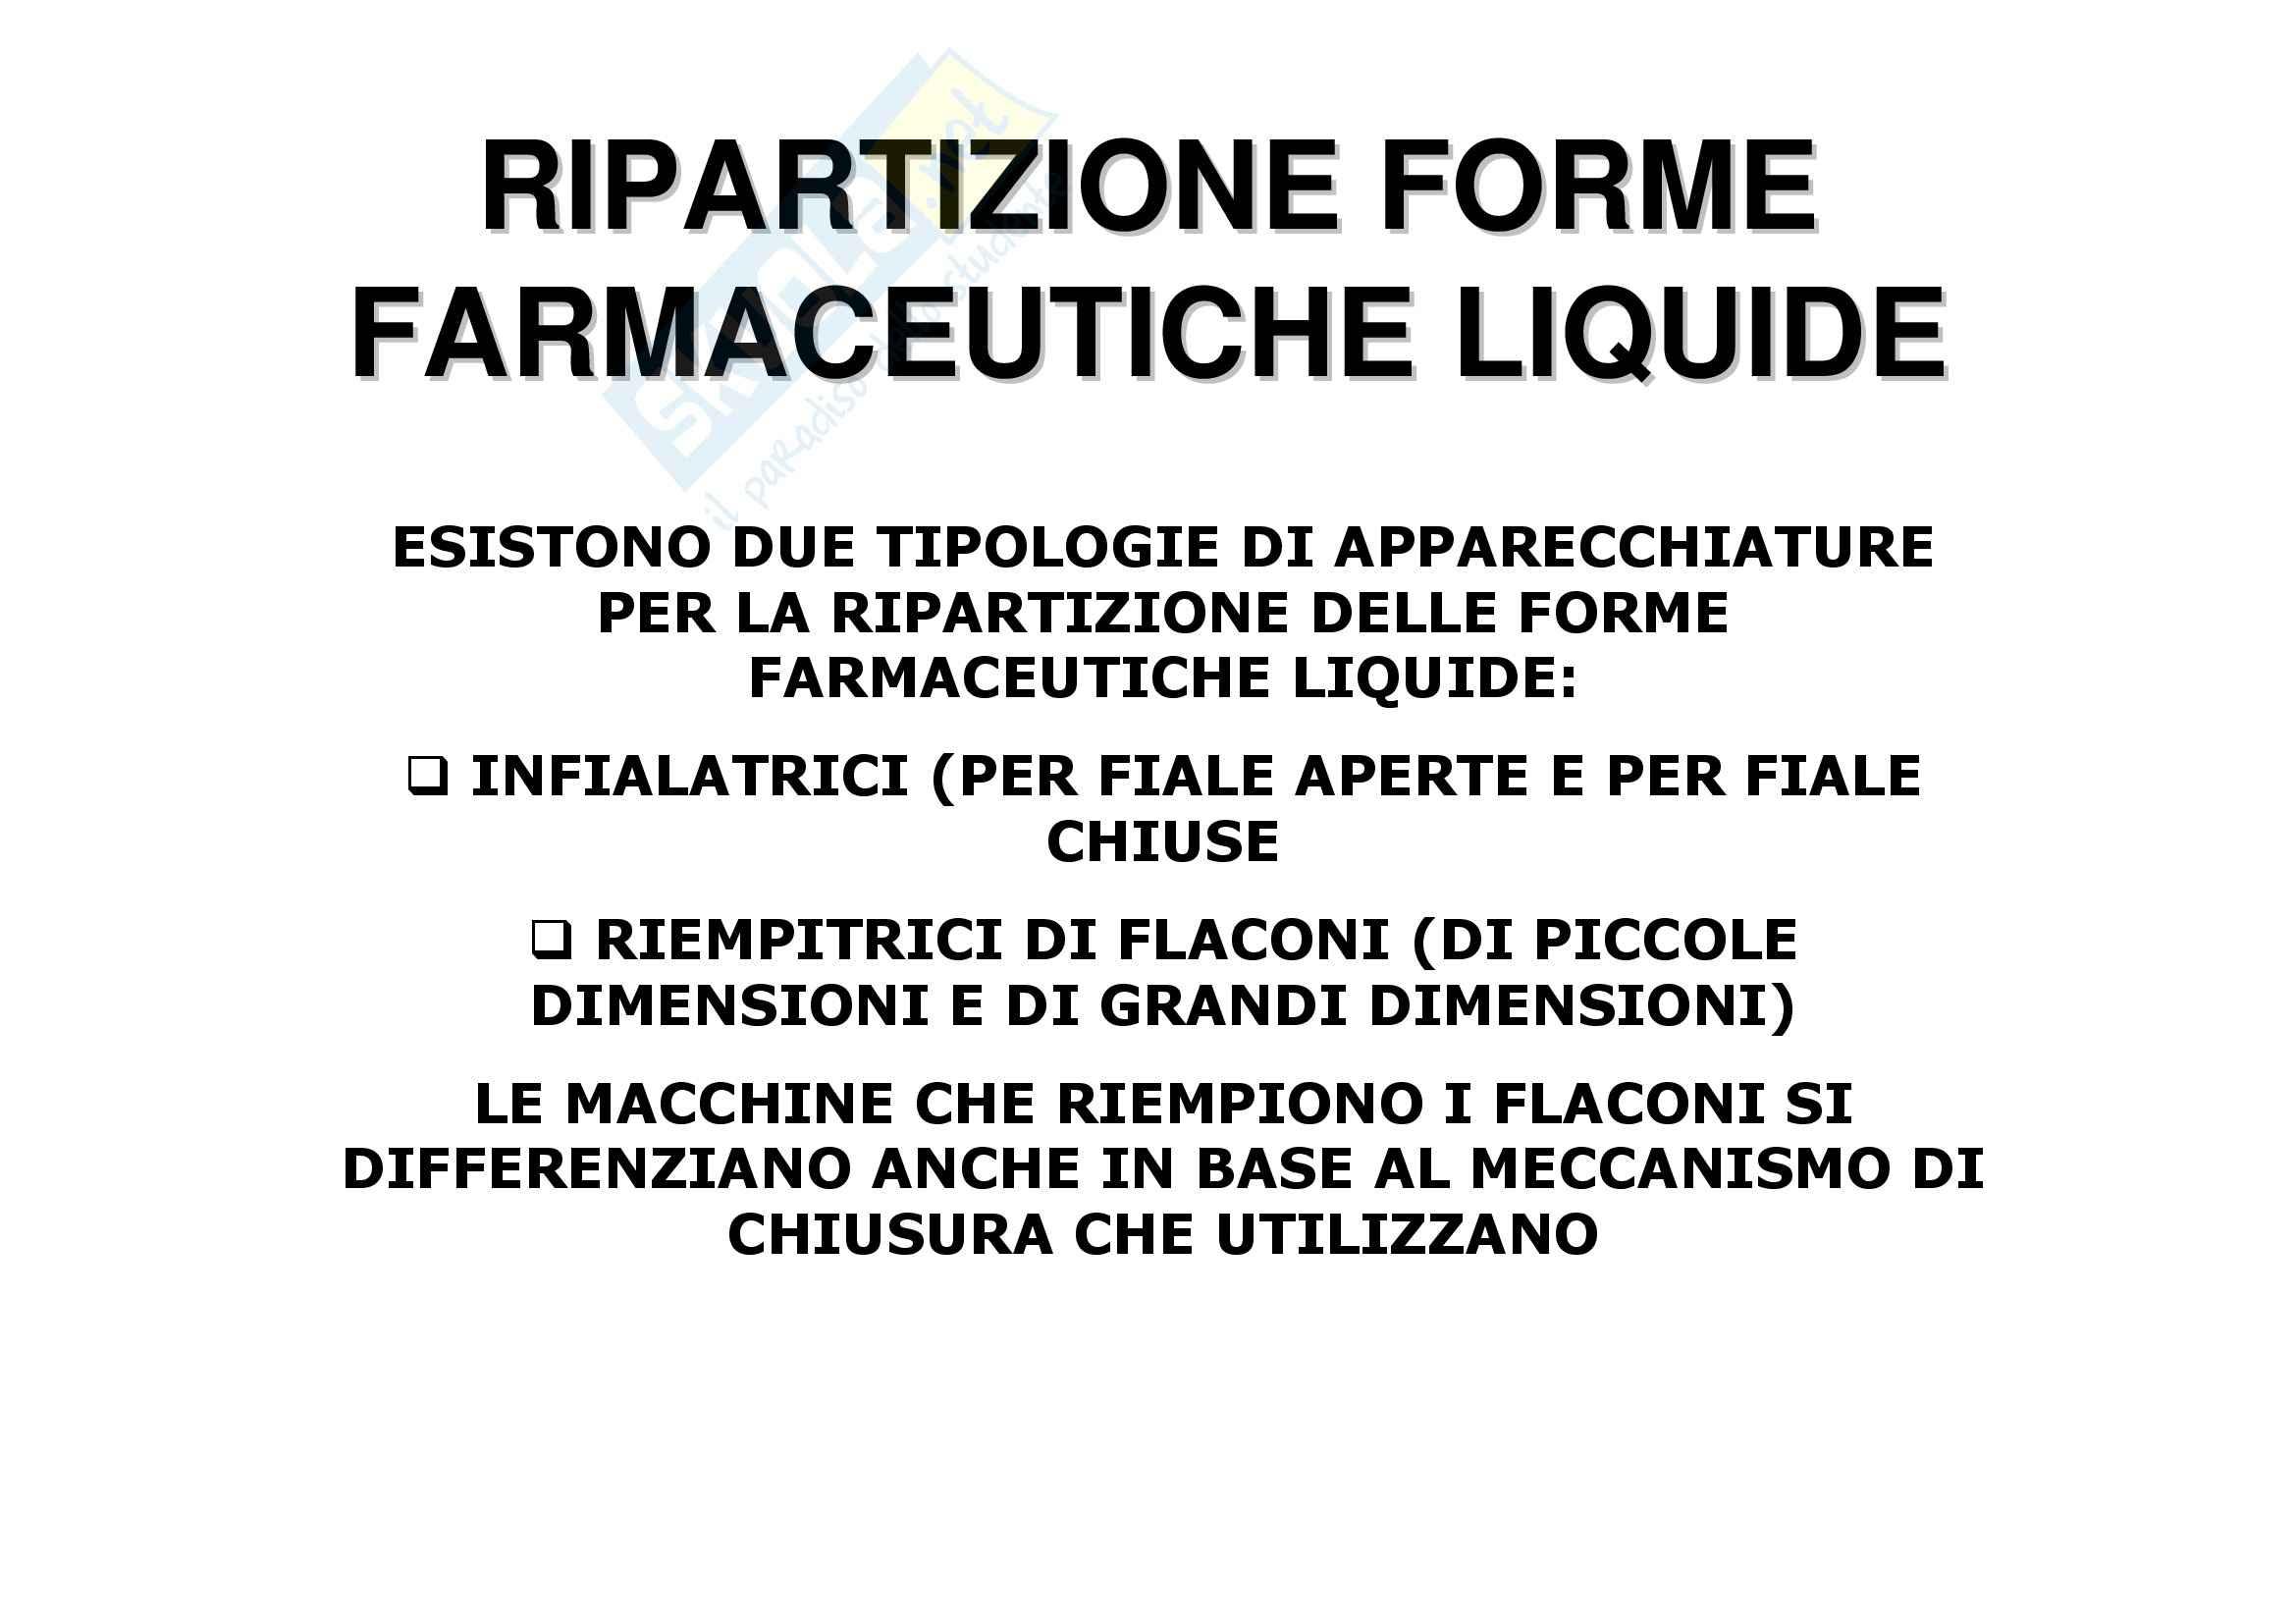 Tecnica farmaceutica - forme farmaceutiche liquide Pag. 21